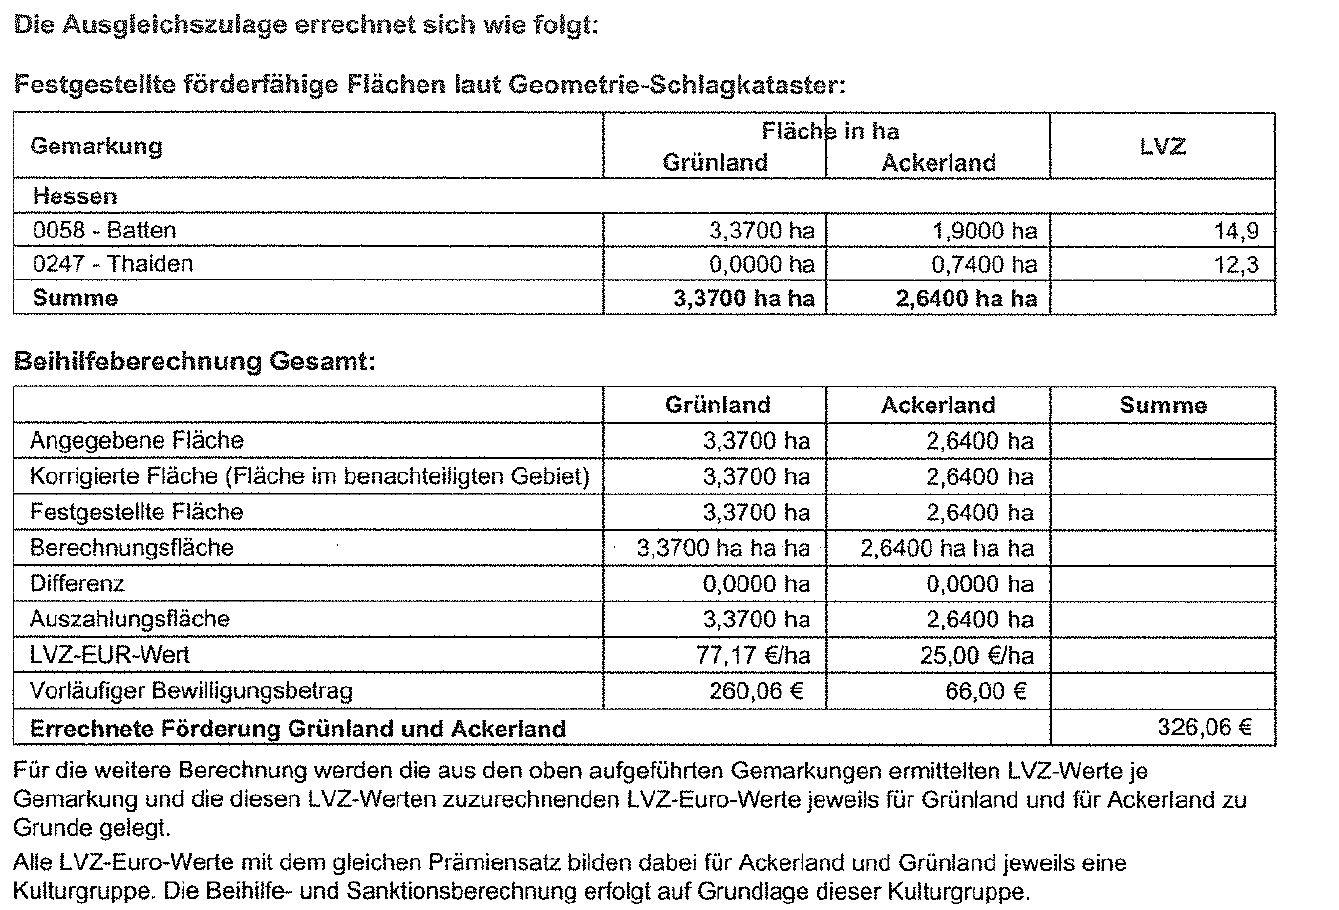 www.agrar-fischerei-zahlungen.de 2018